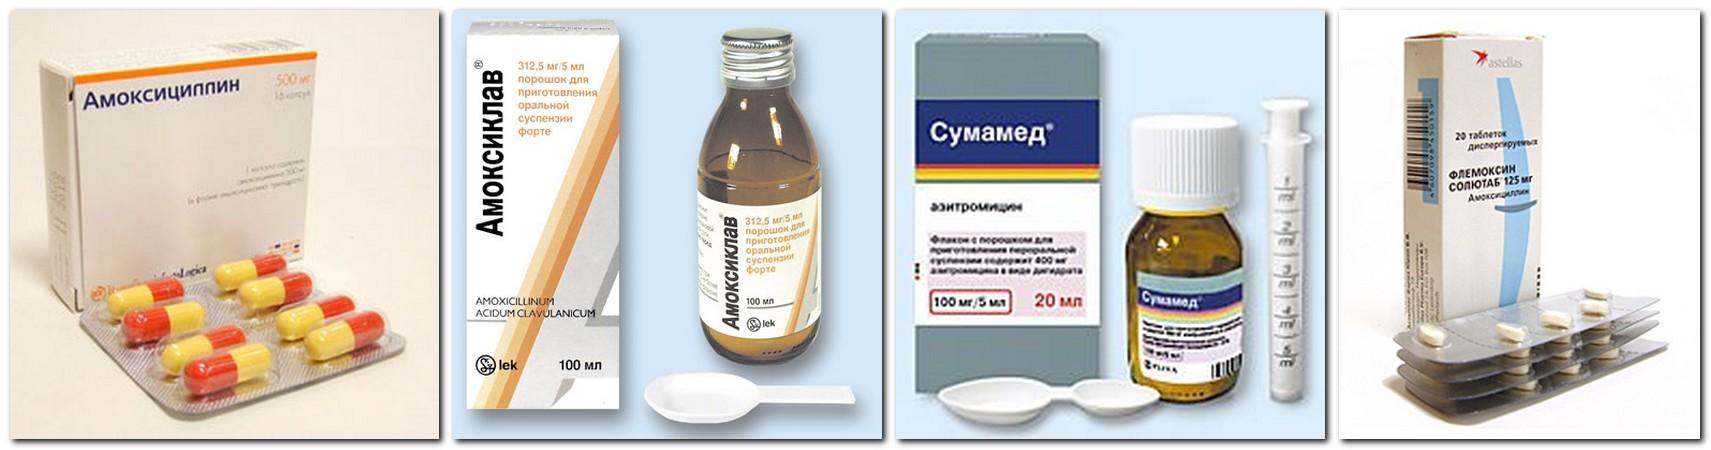 Антибиотики широкого спектра действия для детей